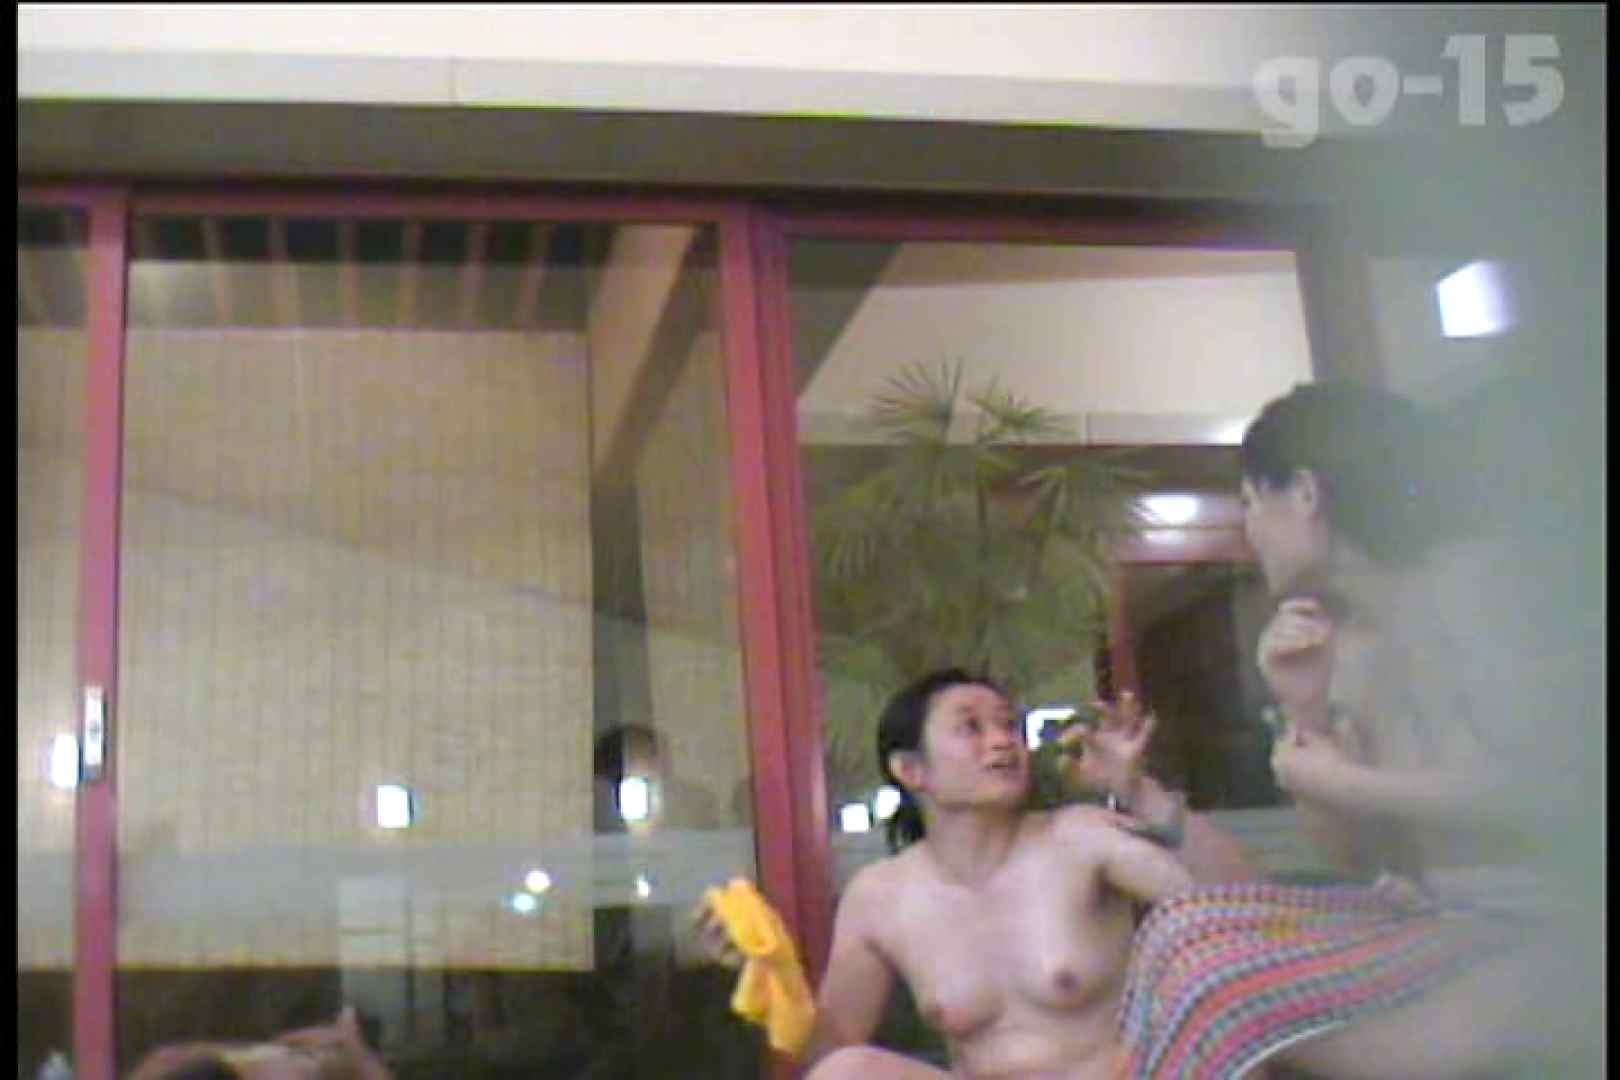 電波カメラ設置浴場からの防HAN映像 Vol.15 OL女体  90連発 21